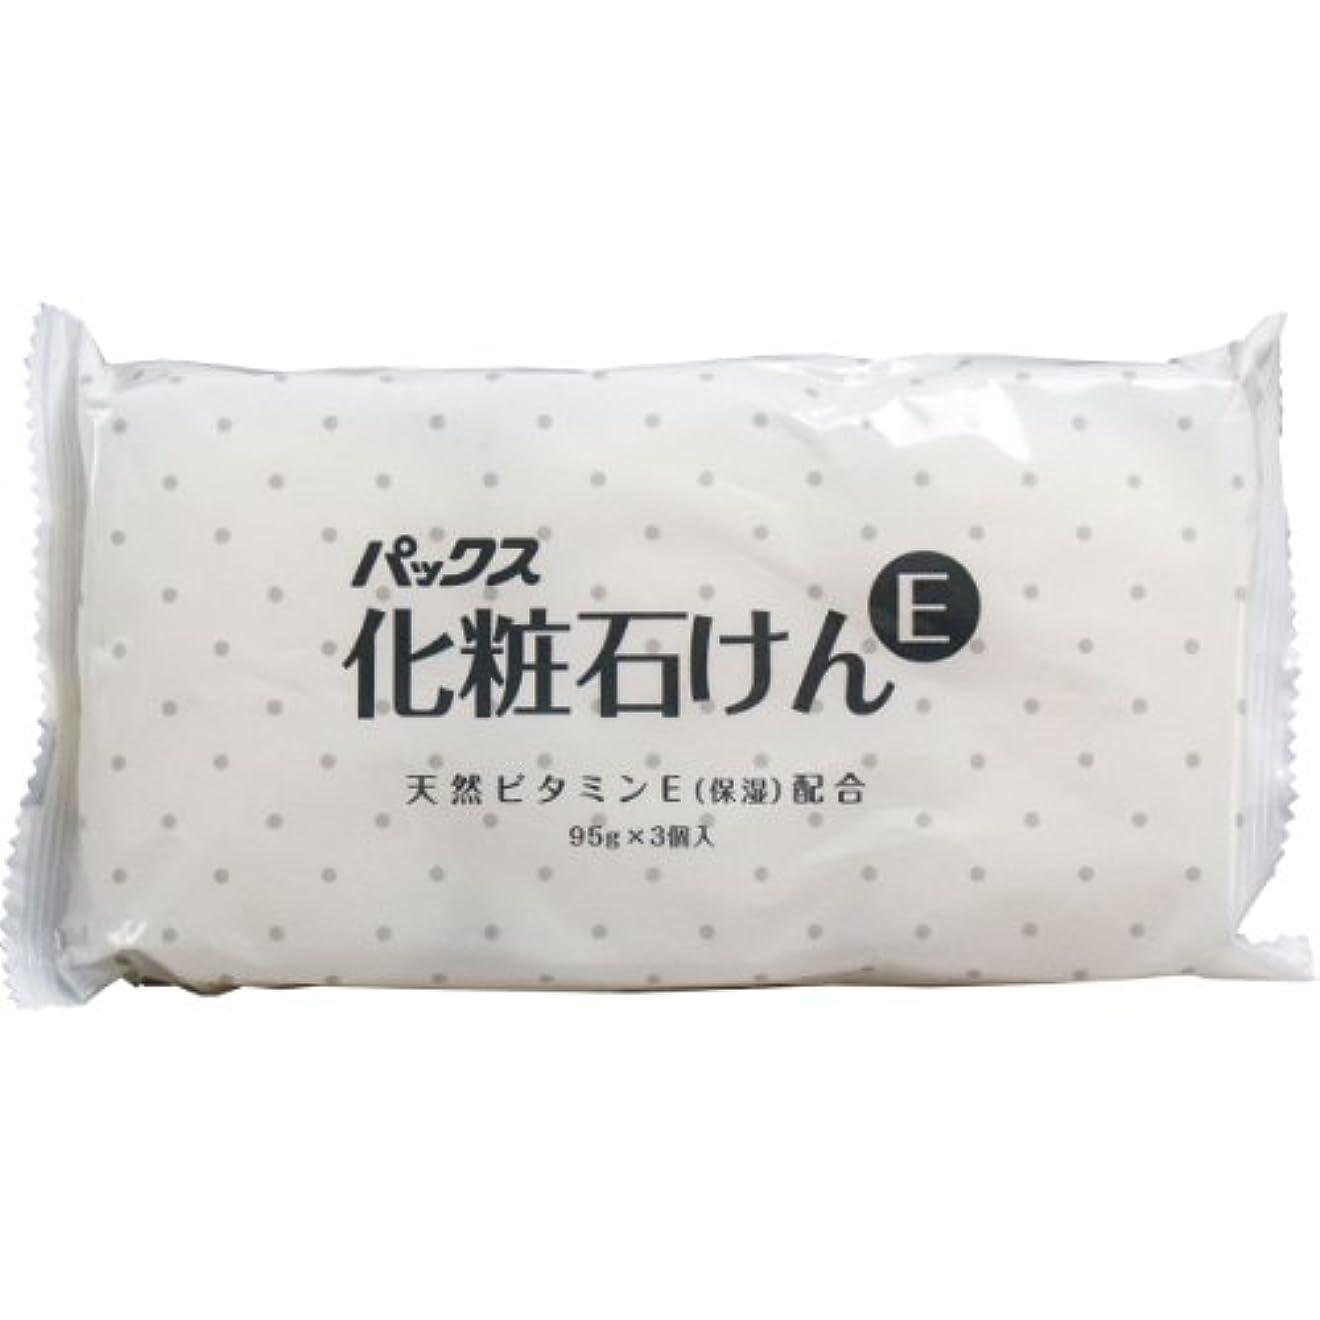 メロドラマ税金稚魚パックス 化粧石けん (95G X3個入り)【6個パック】